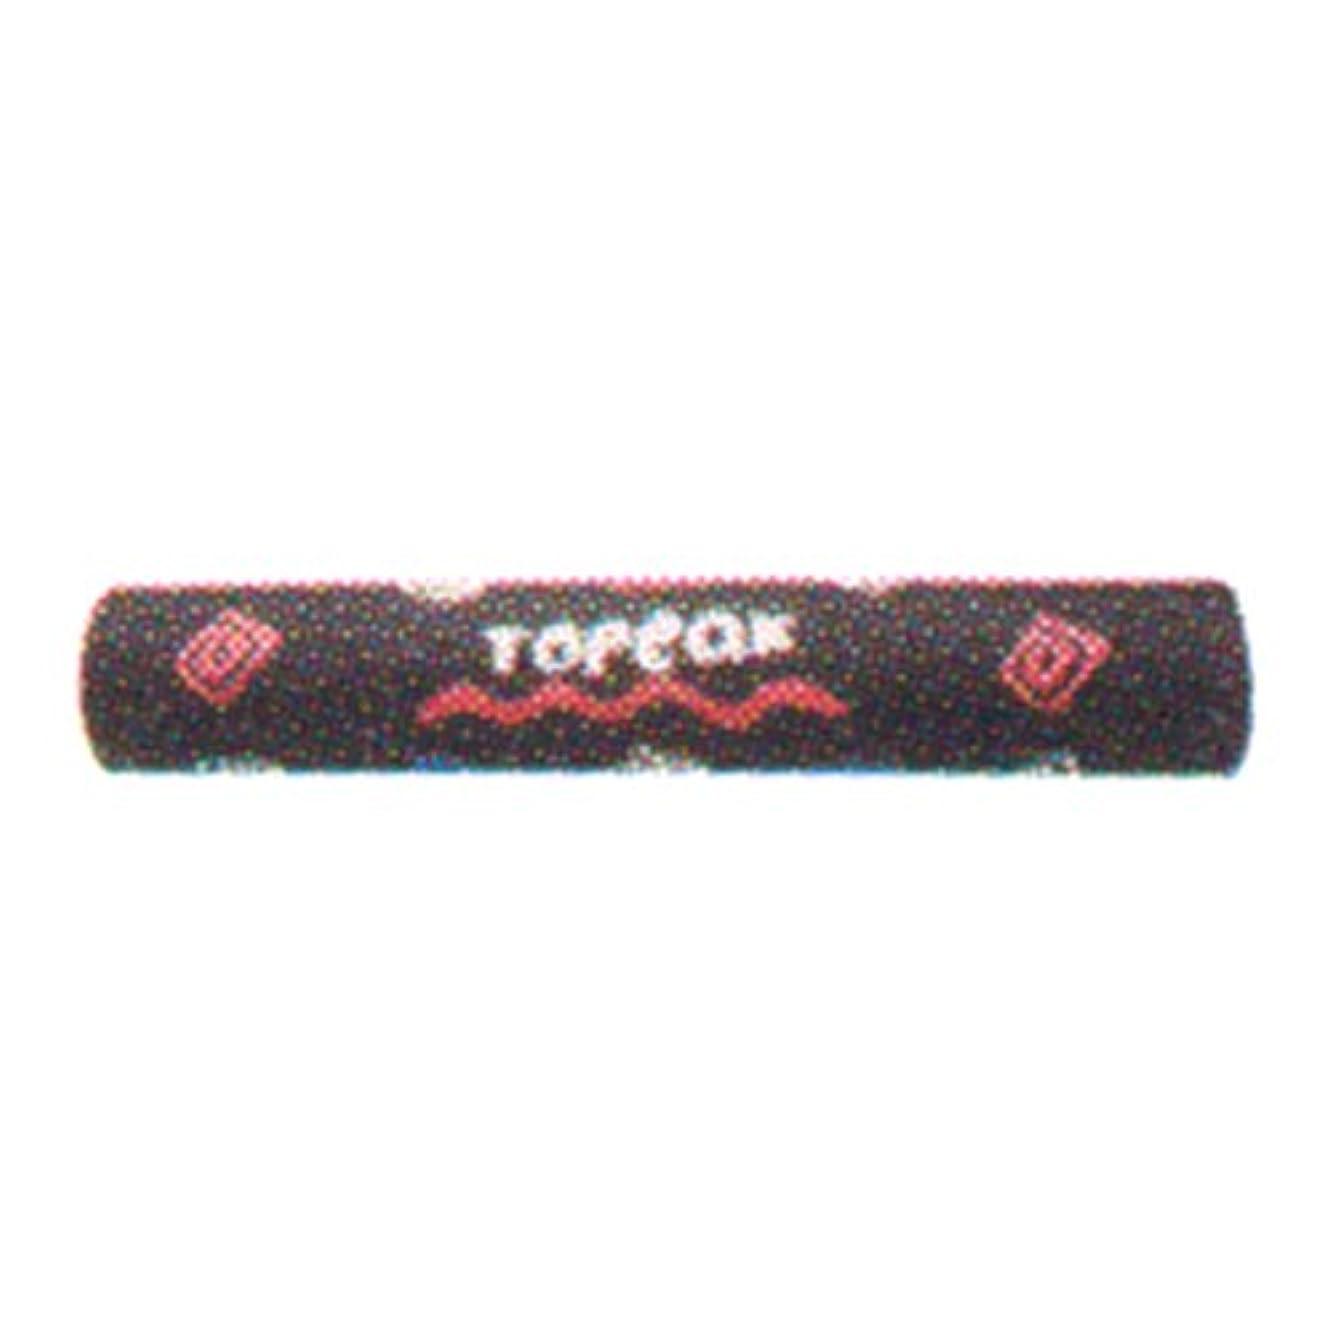 アーティスト喪酸素TOPEAK(トピーク) グラブ バー パッド (215-S14-5001)